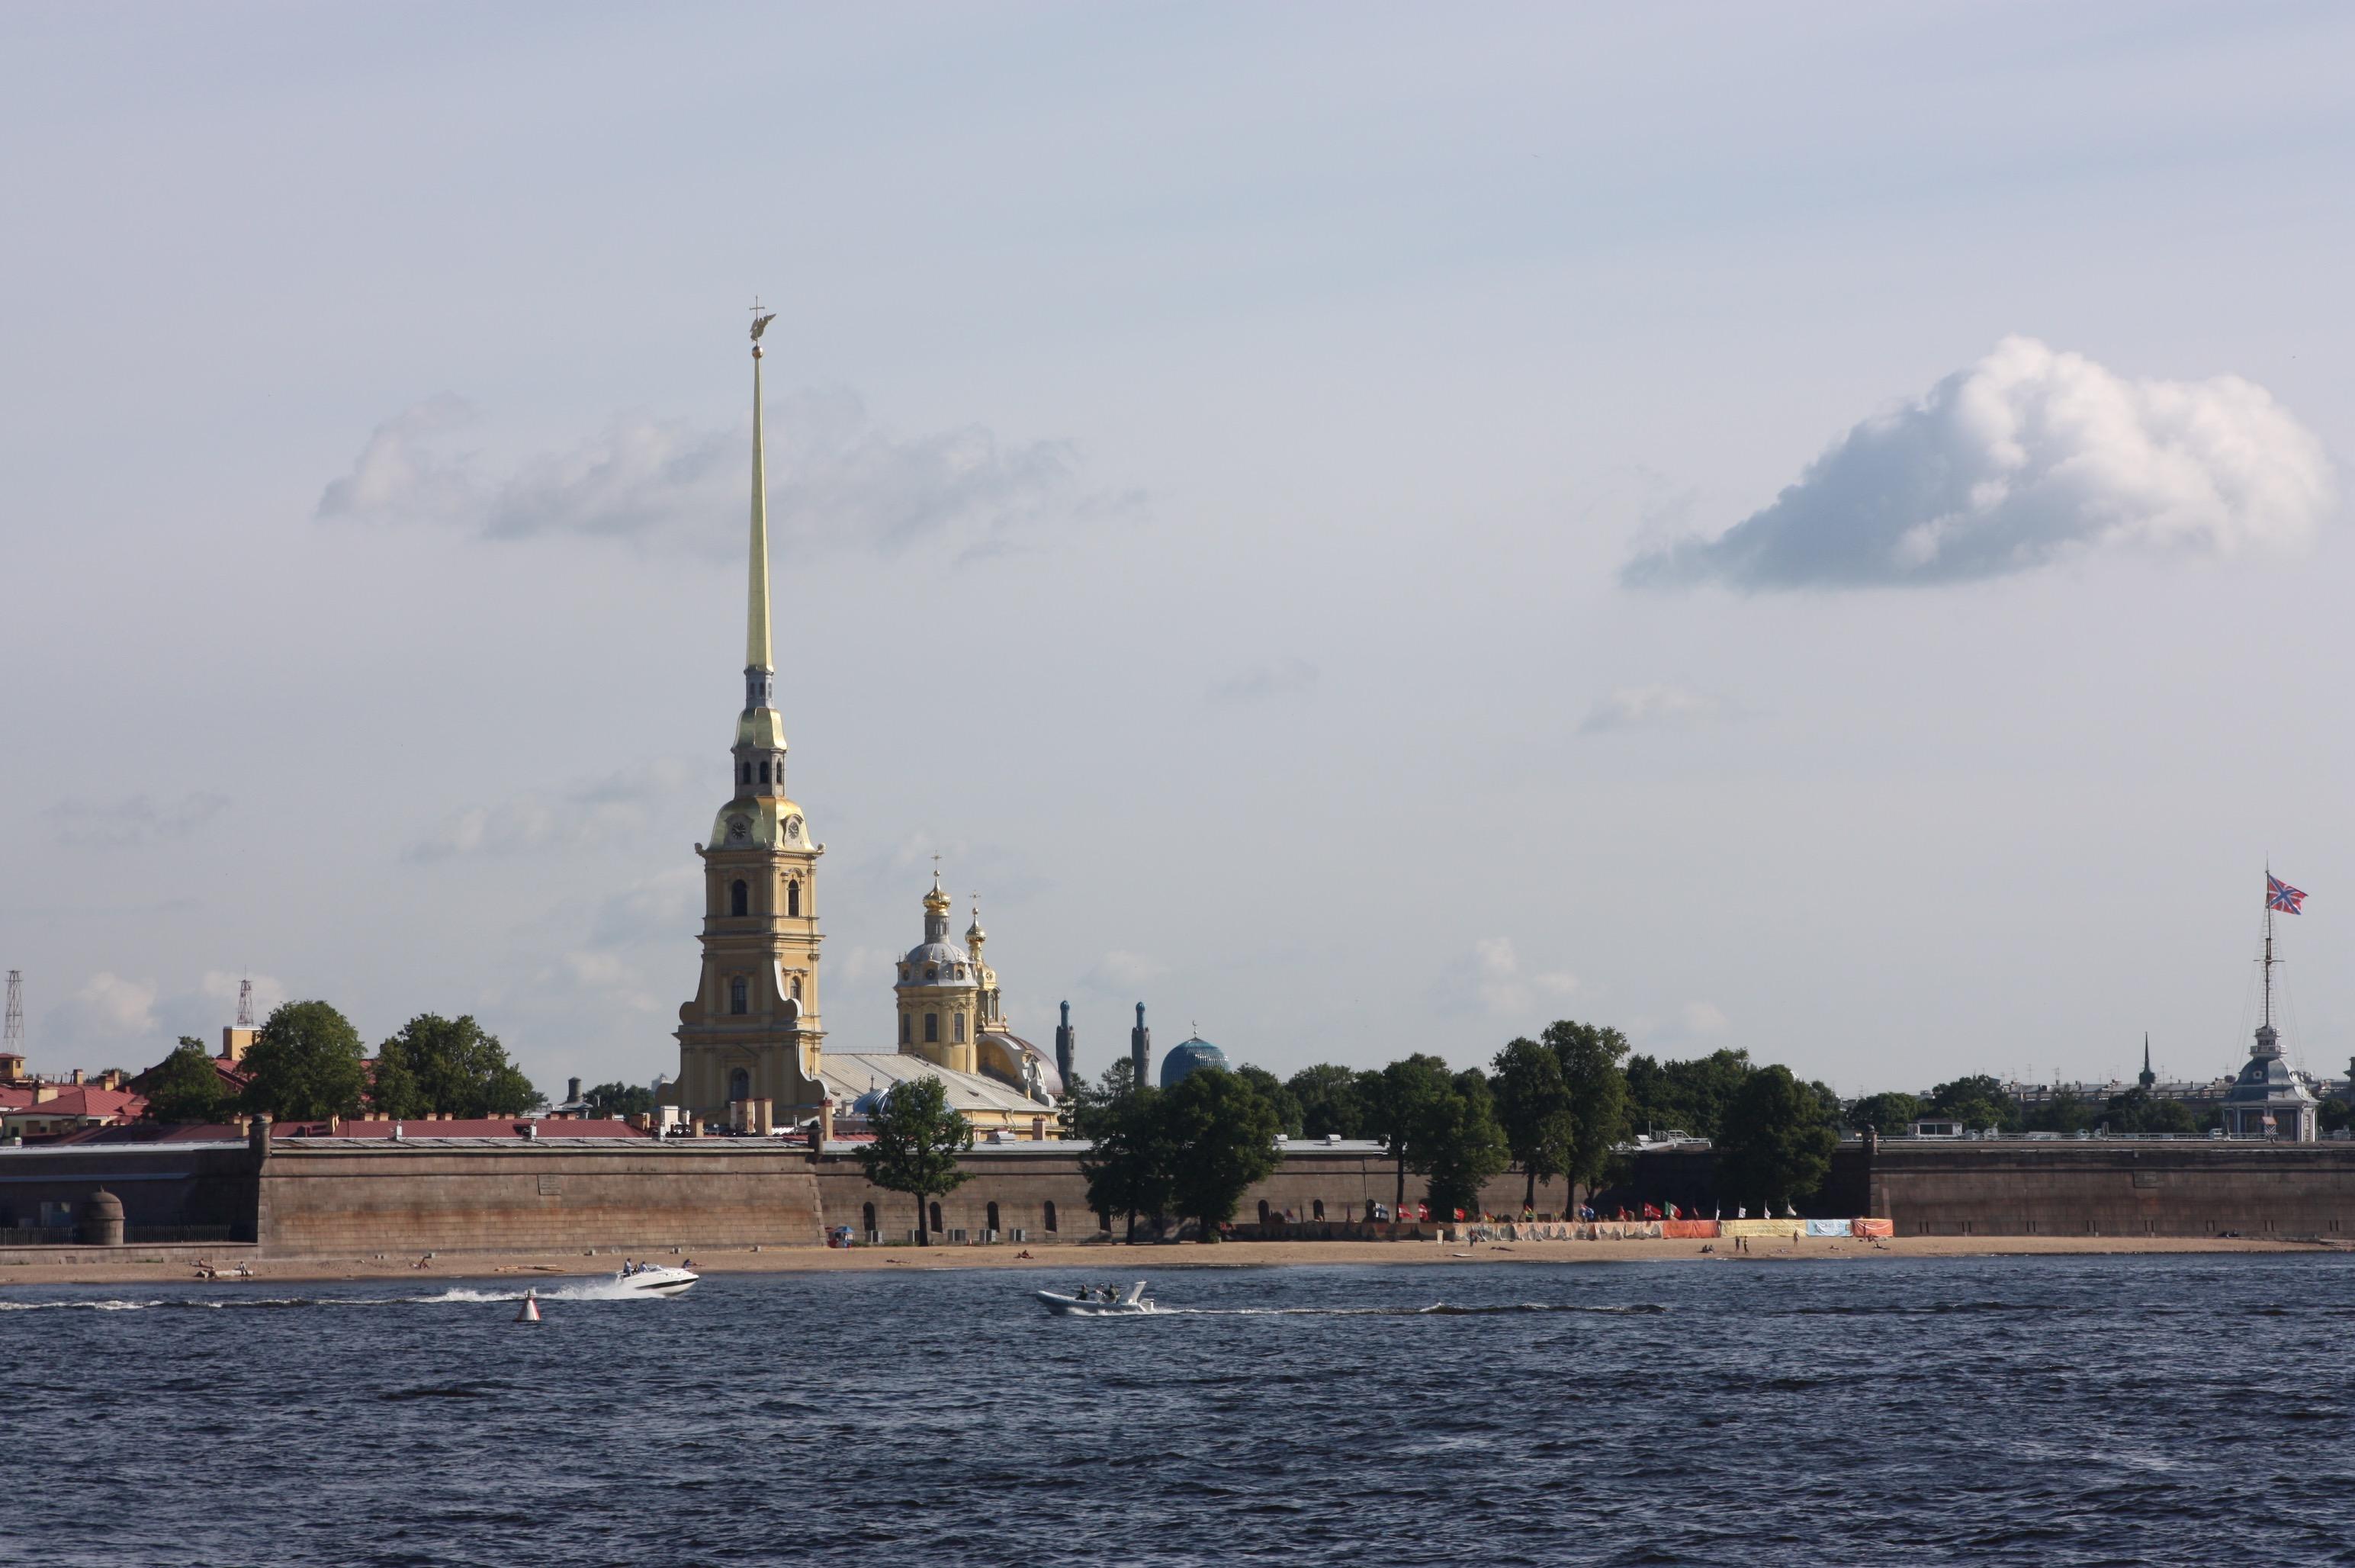 Die Peter-und-Paul-Kathedrale hat eine ganz schön spitze Spitze.